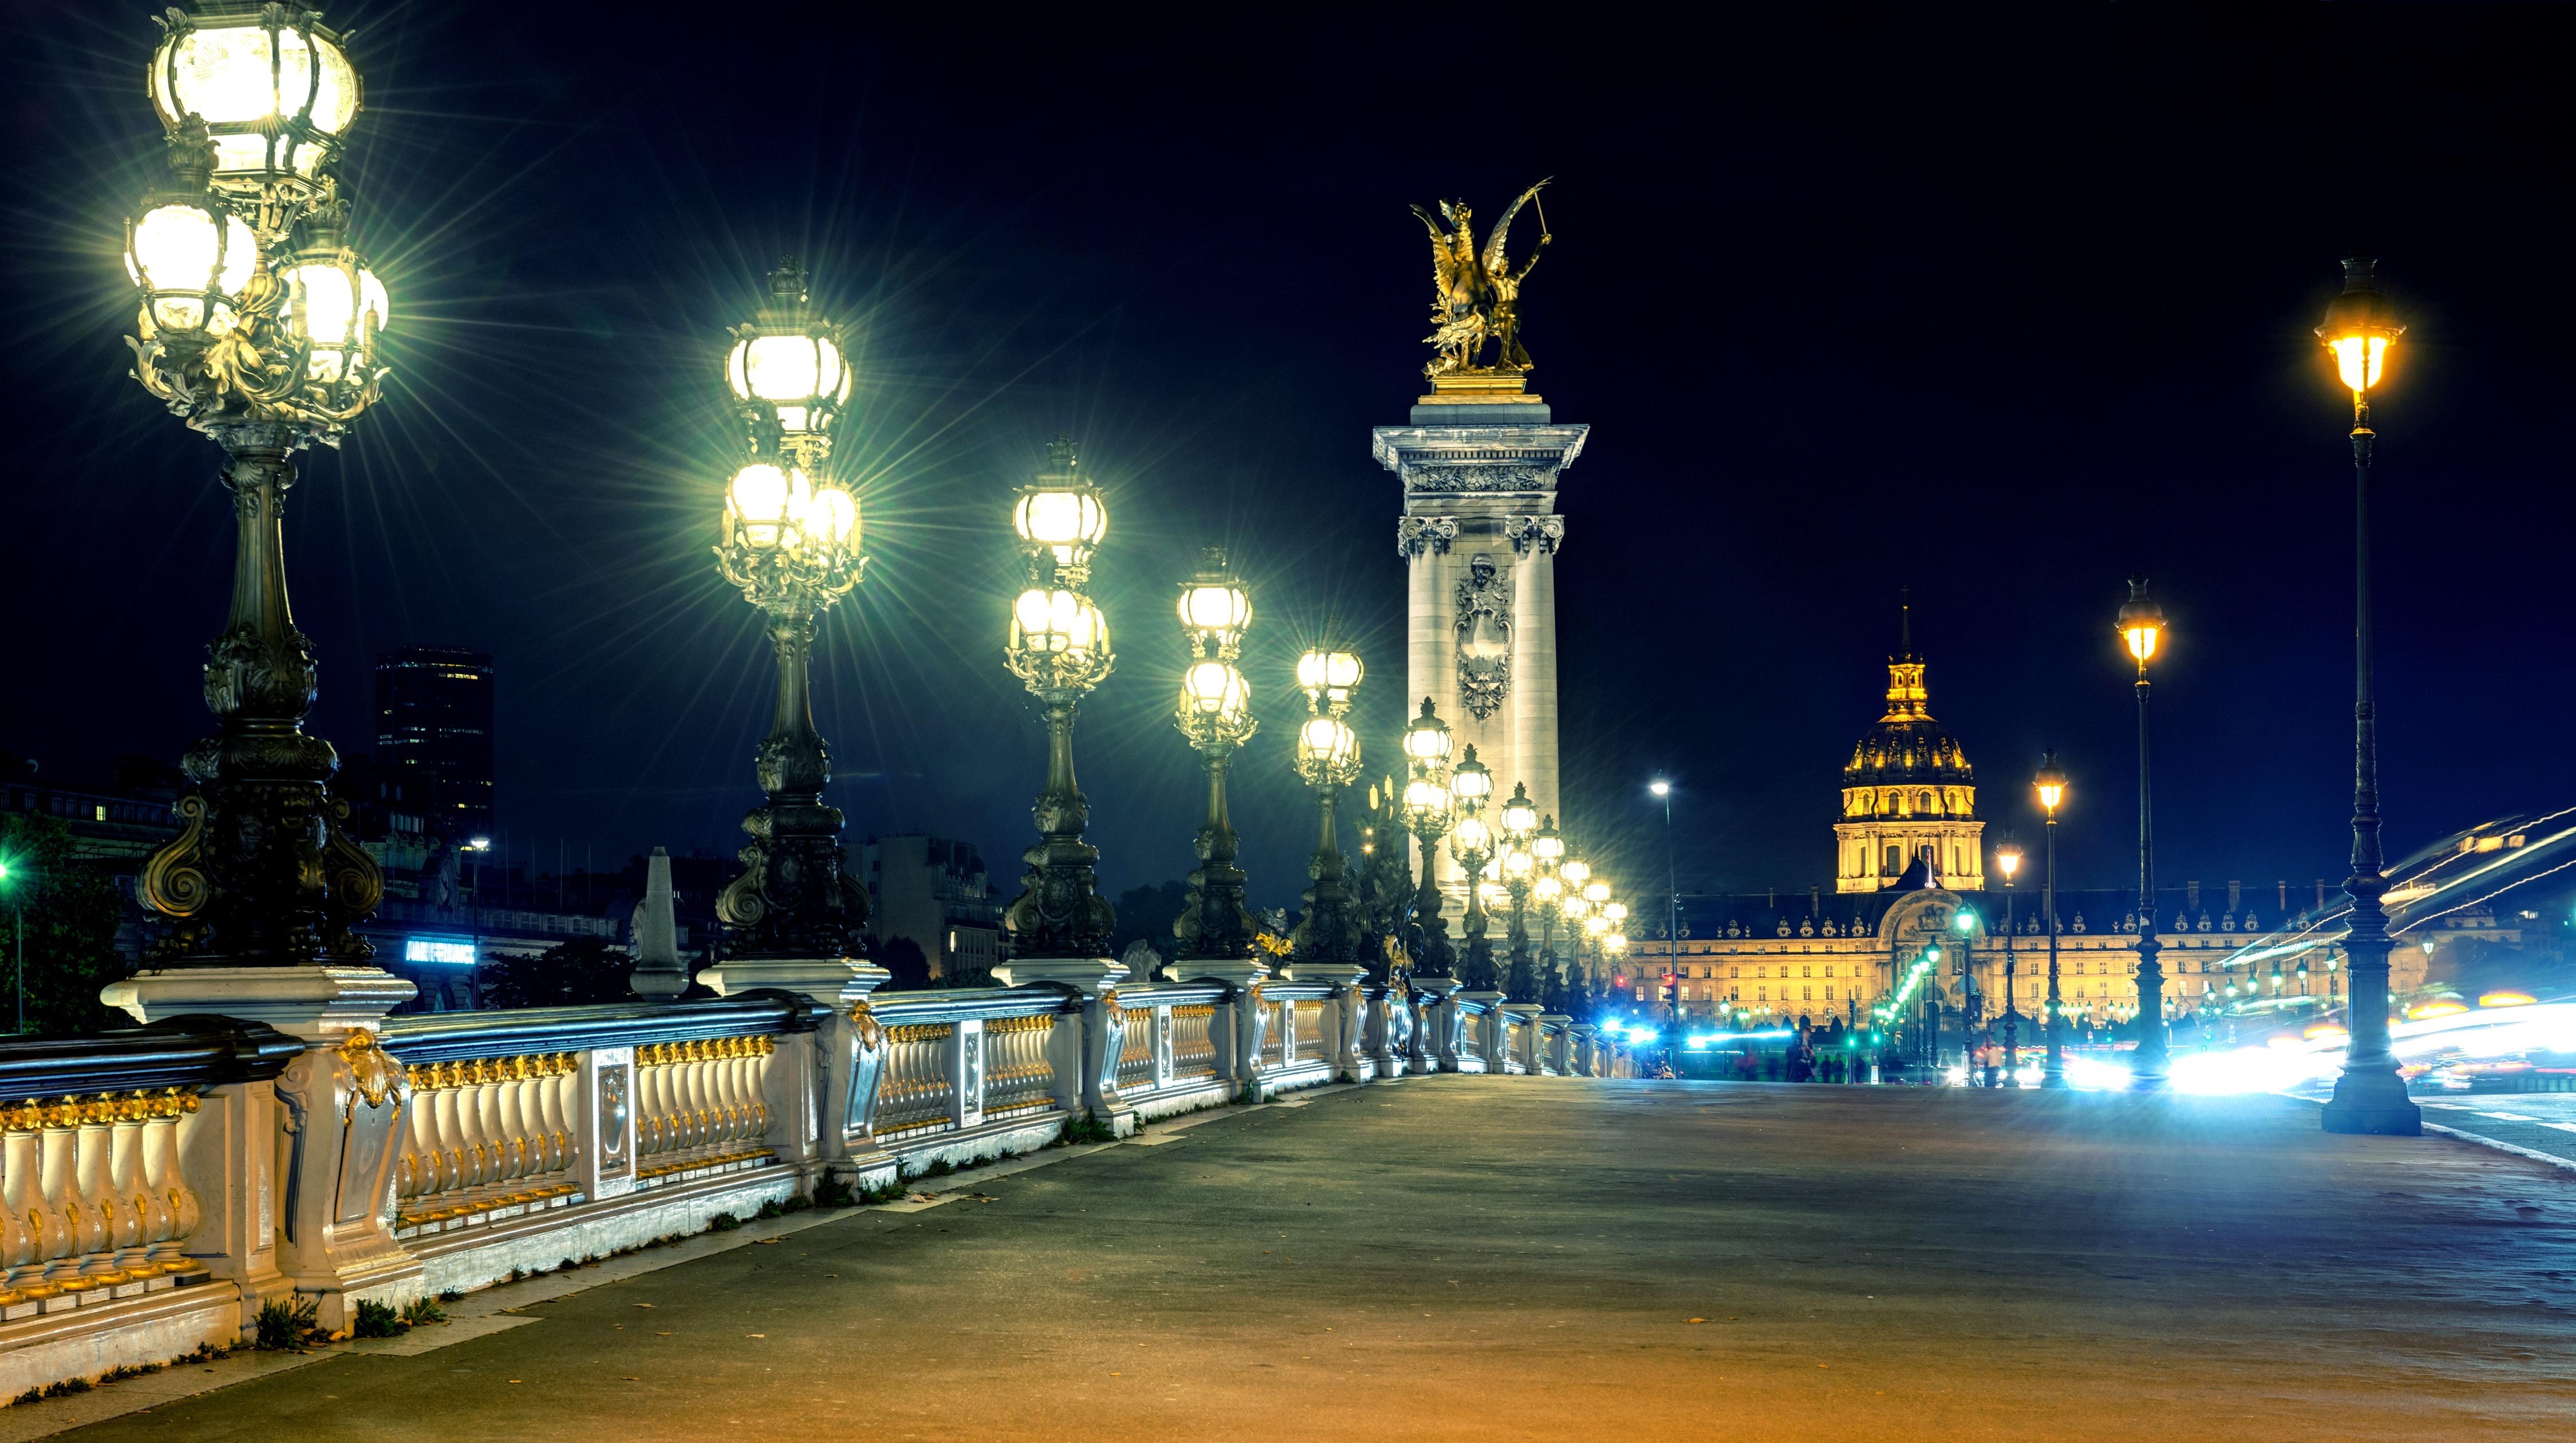 Франция дороги ночь фонари  № 2229285 без смс